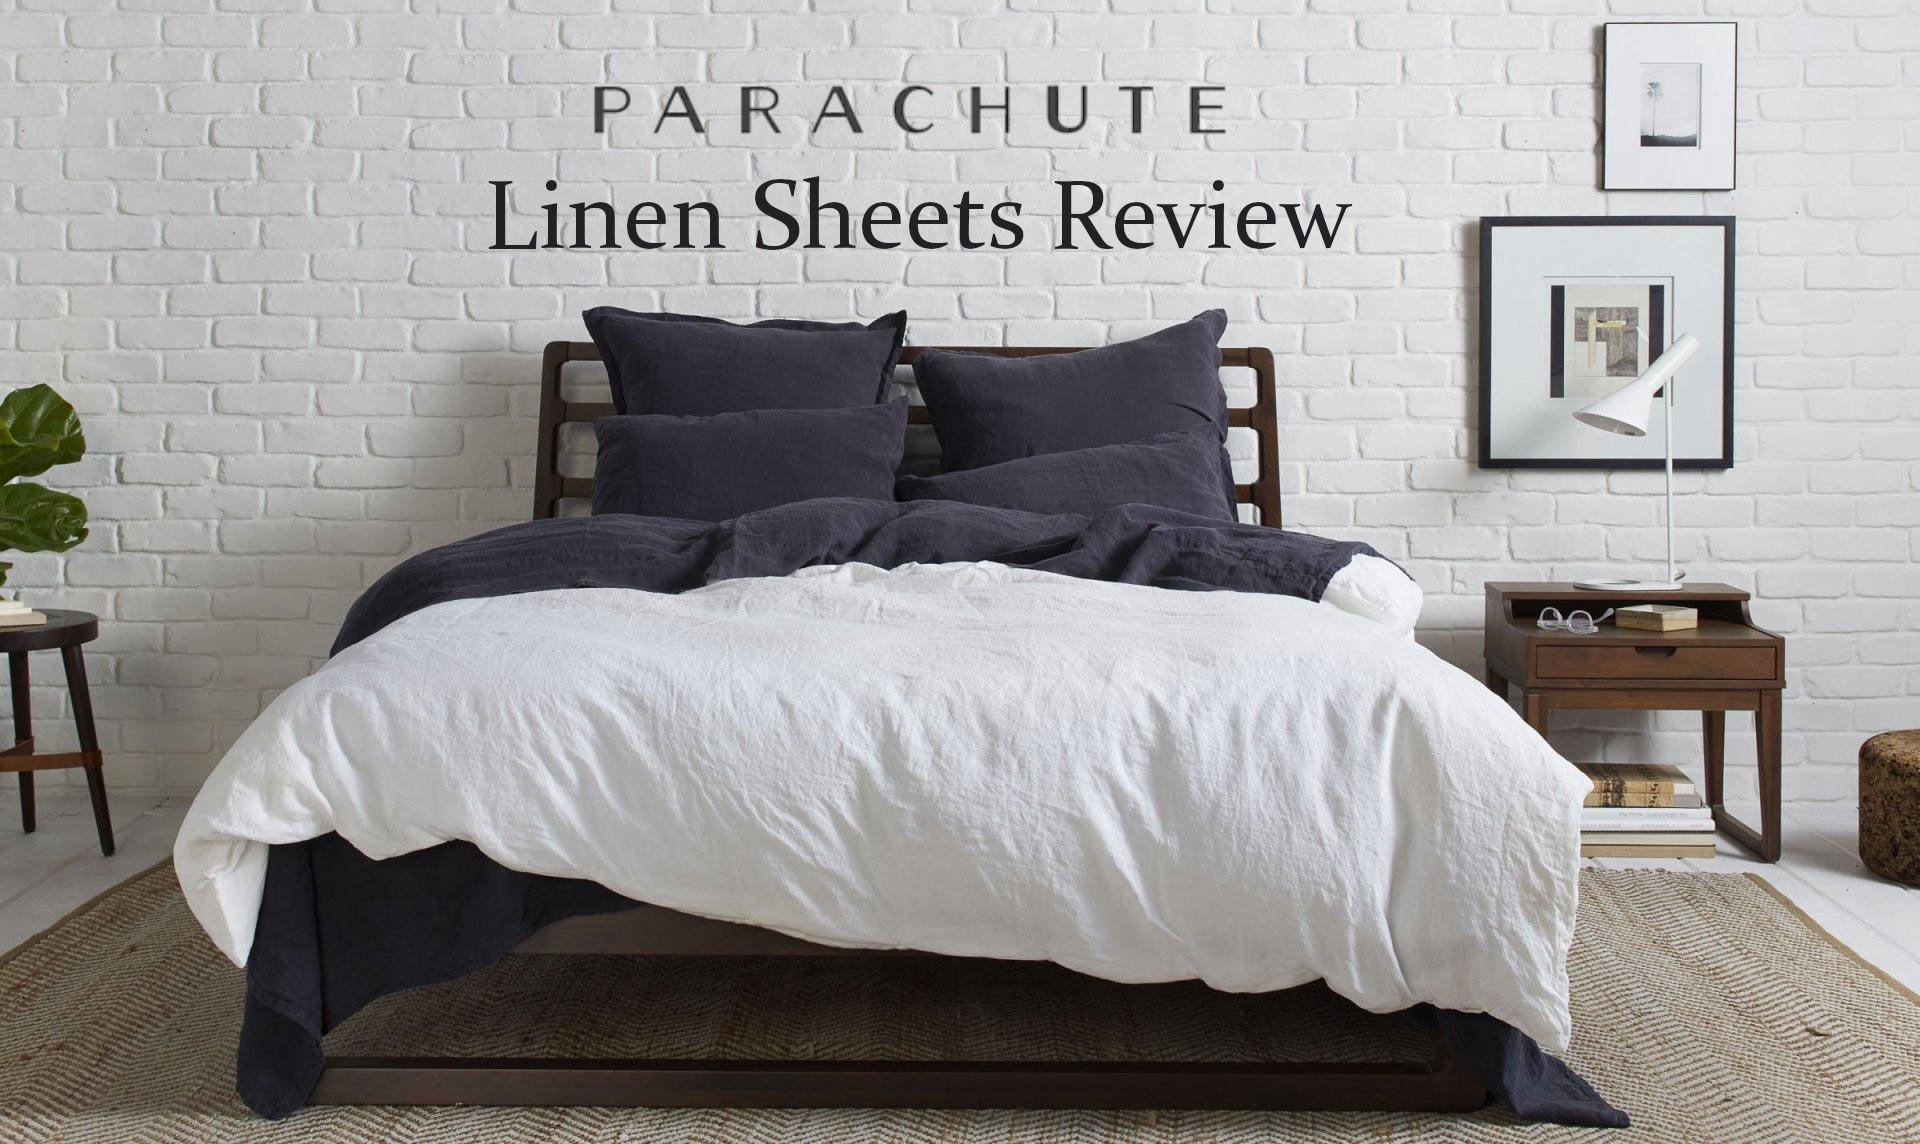 parachute linen sheet review